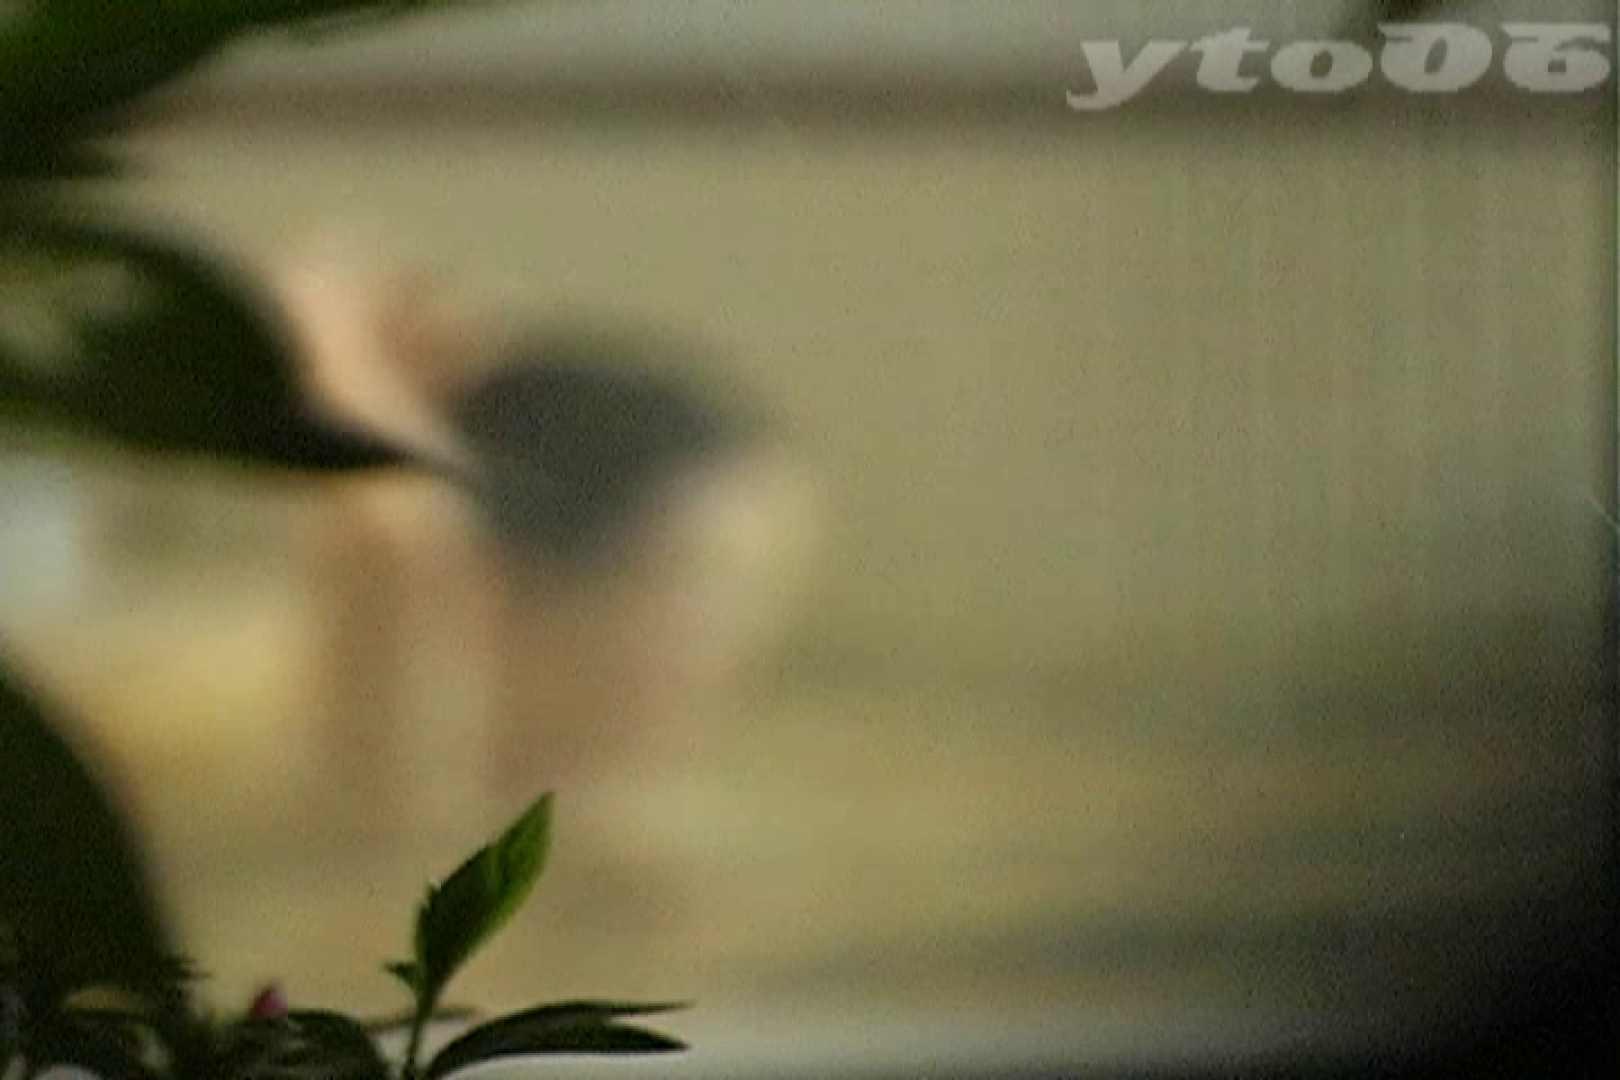 ▲復活限定▲合宿ホテル女風呂盗撮 Vol.34 ホテル  64pic 4